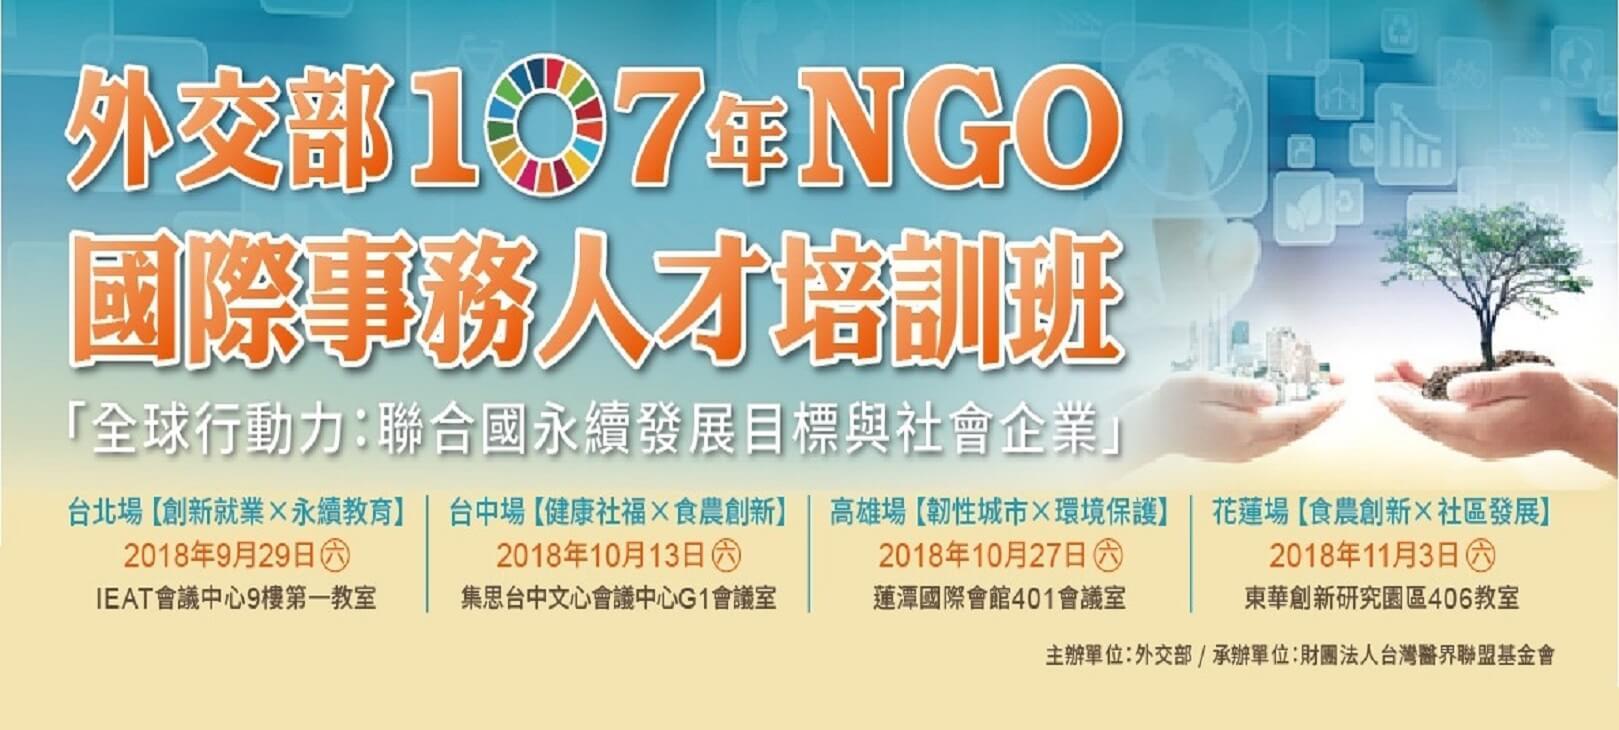 外交部107年NGO國際事務人才培訓班